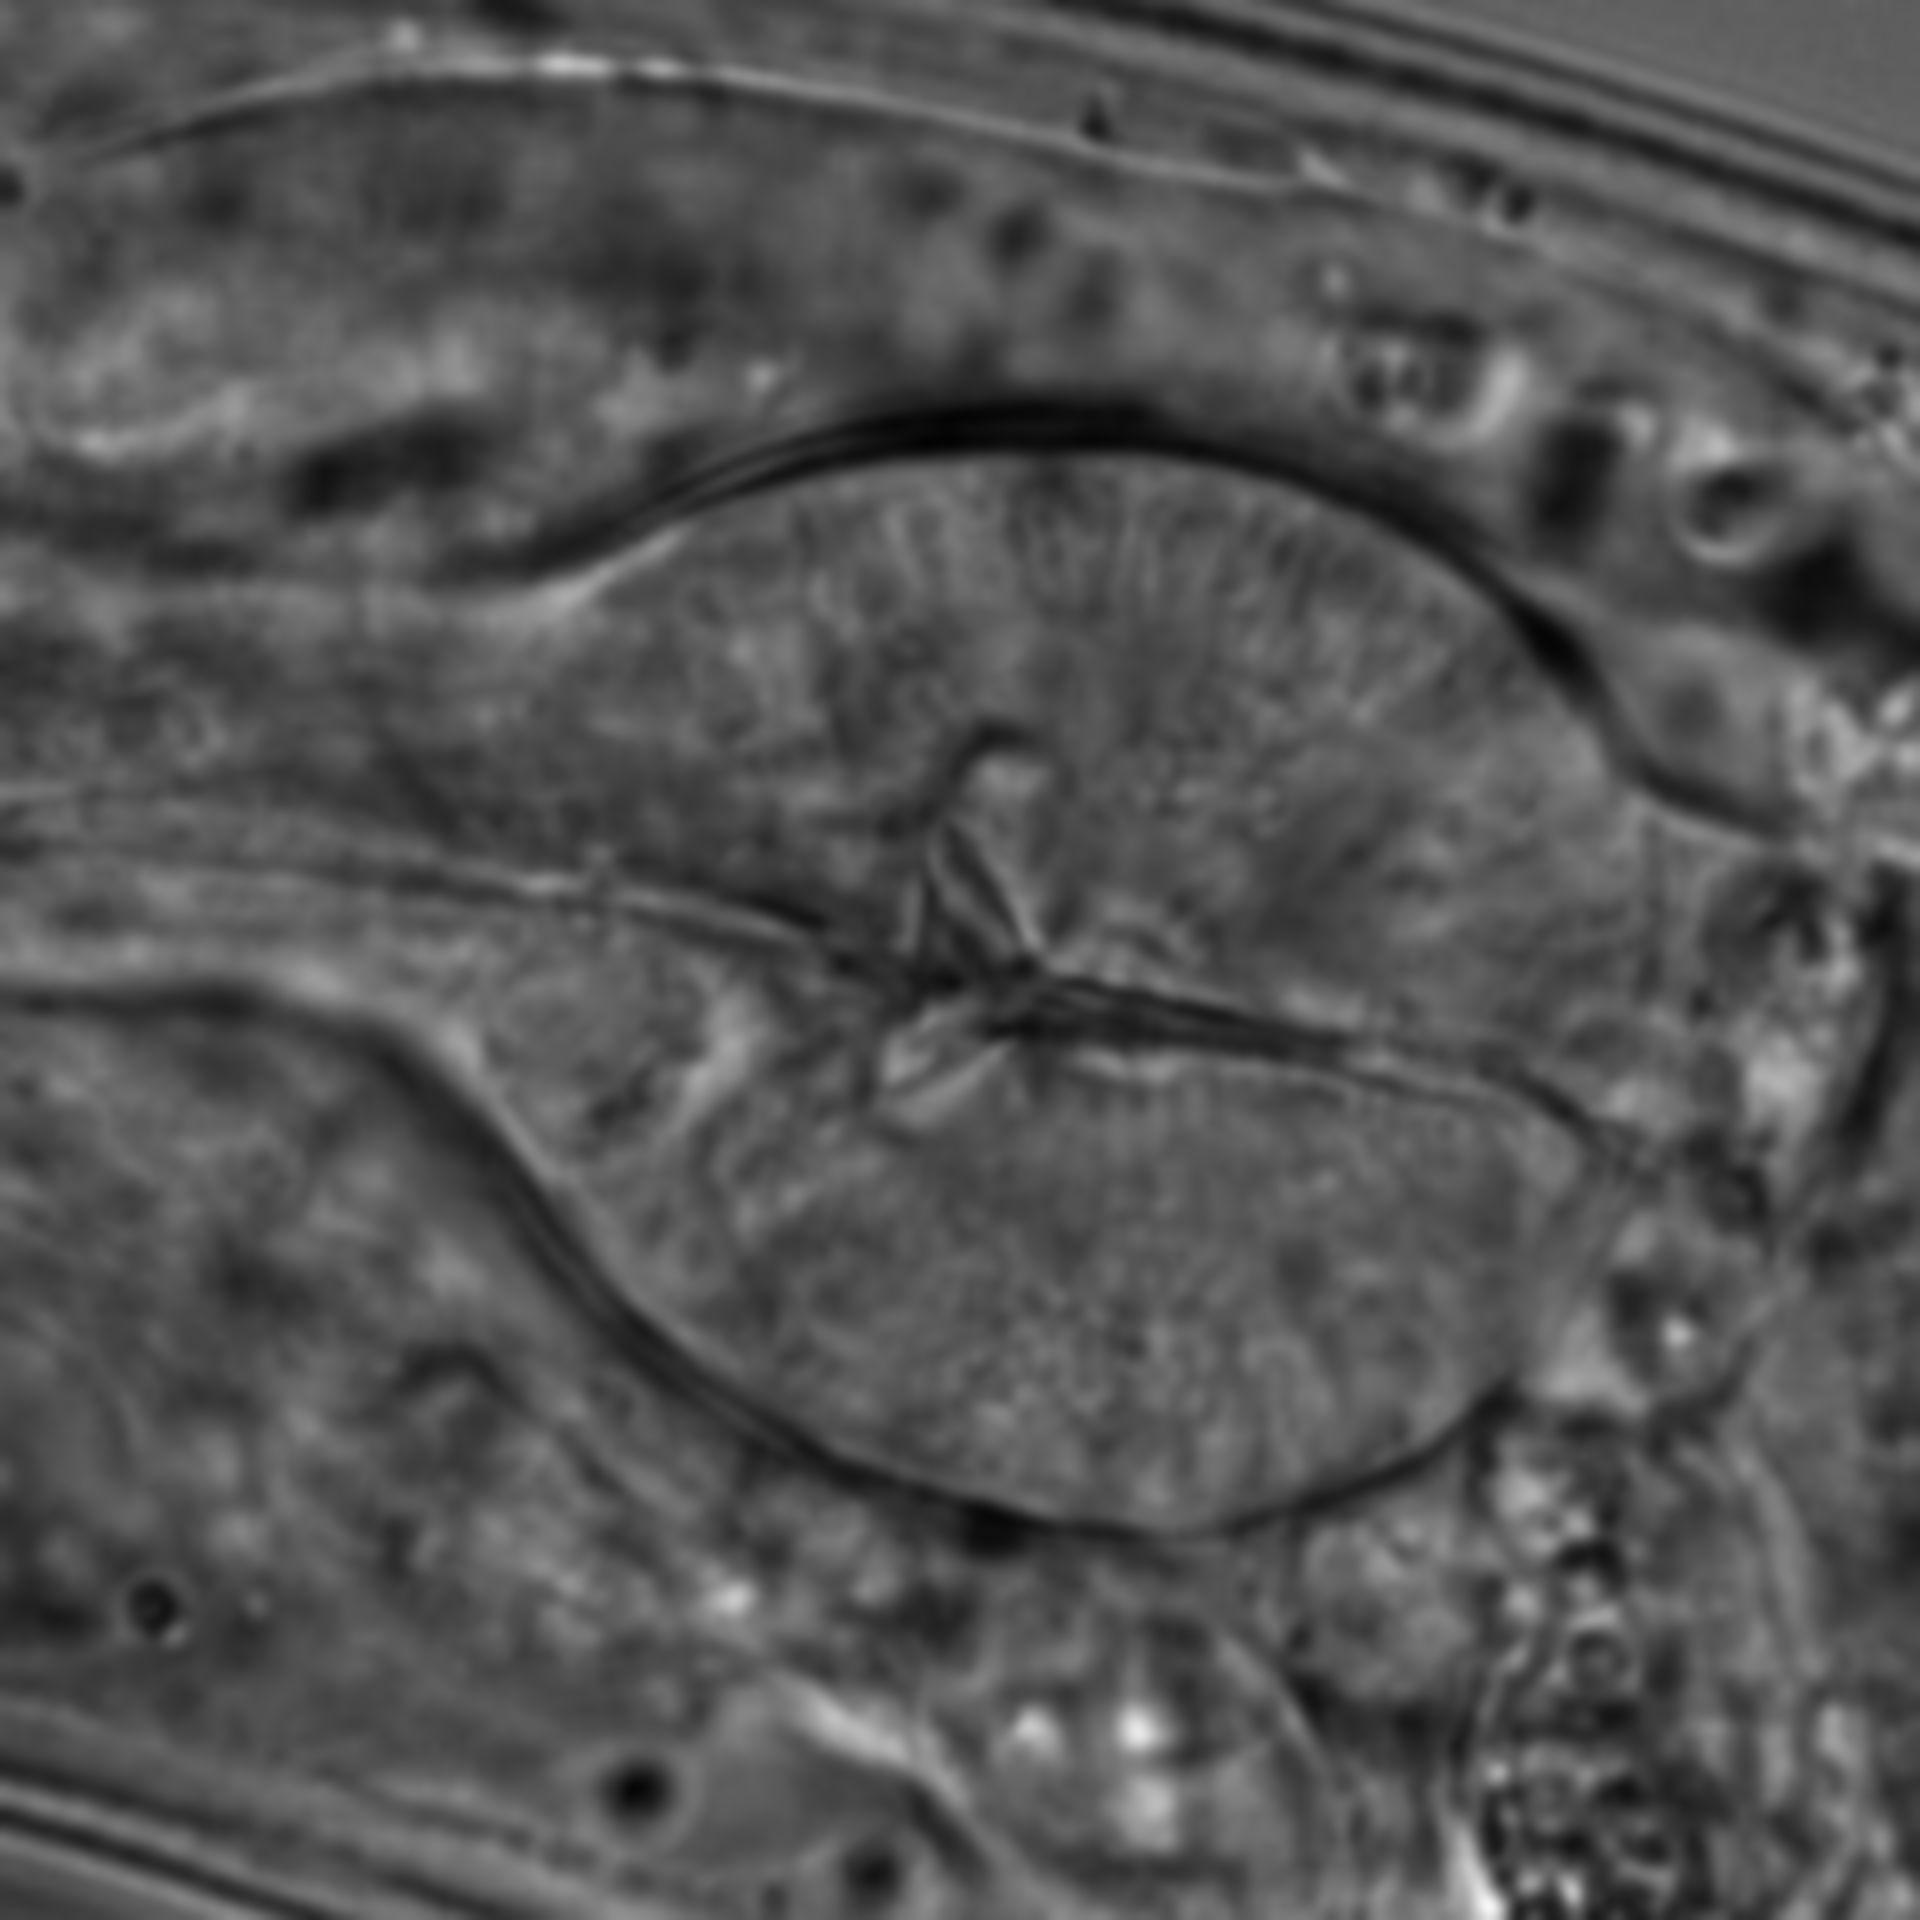 Caenorhabditis elegans - CIL:1592